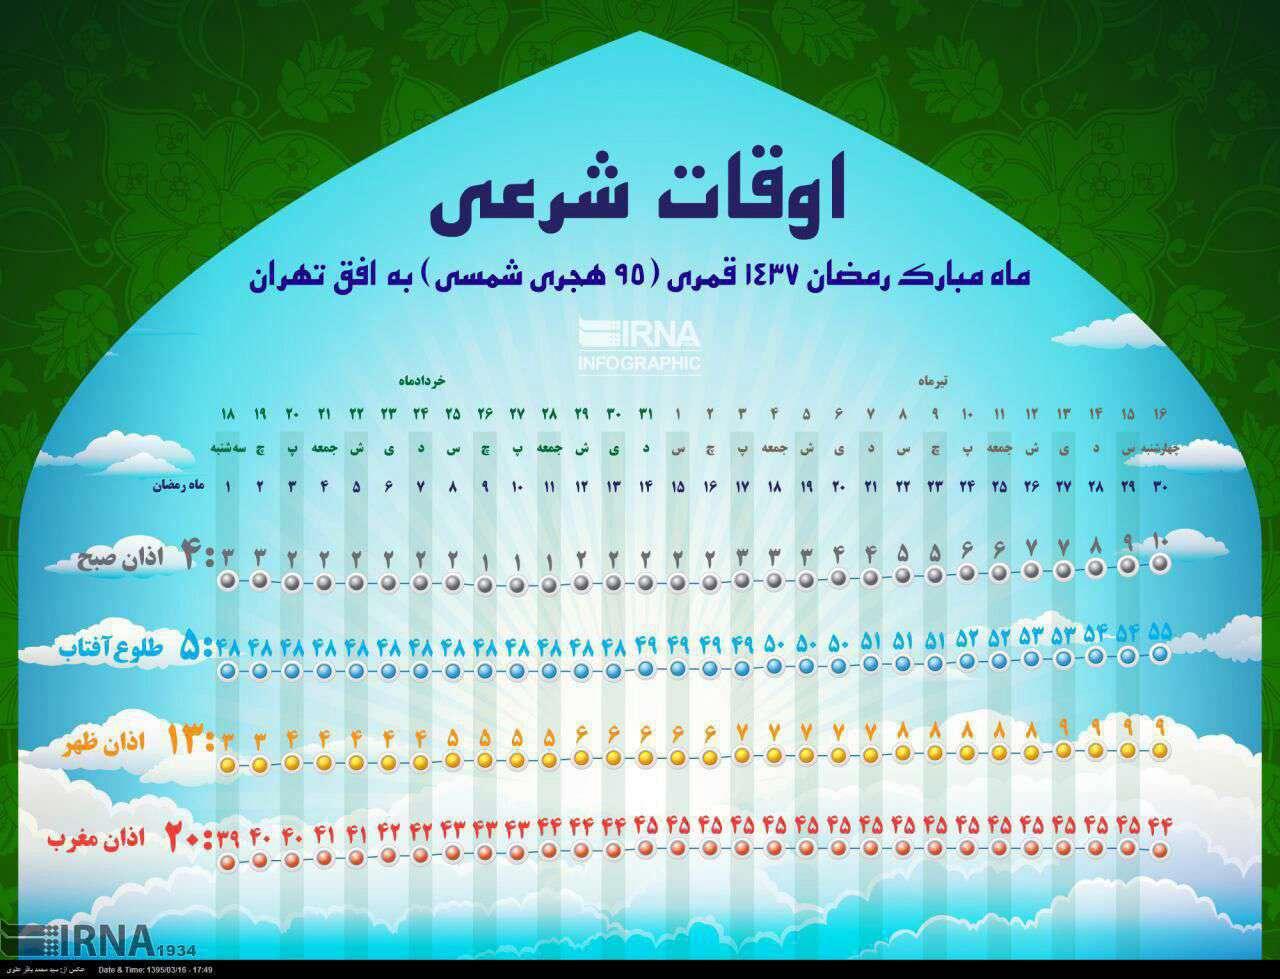 اوقات شرعی ماه مبارک رمضان ۱۳۹۵